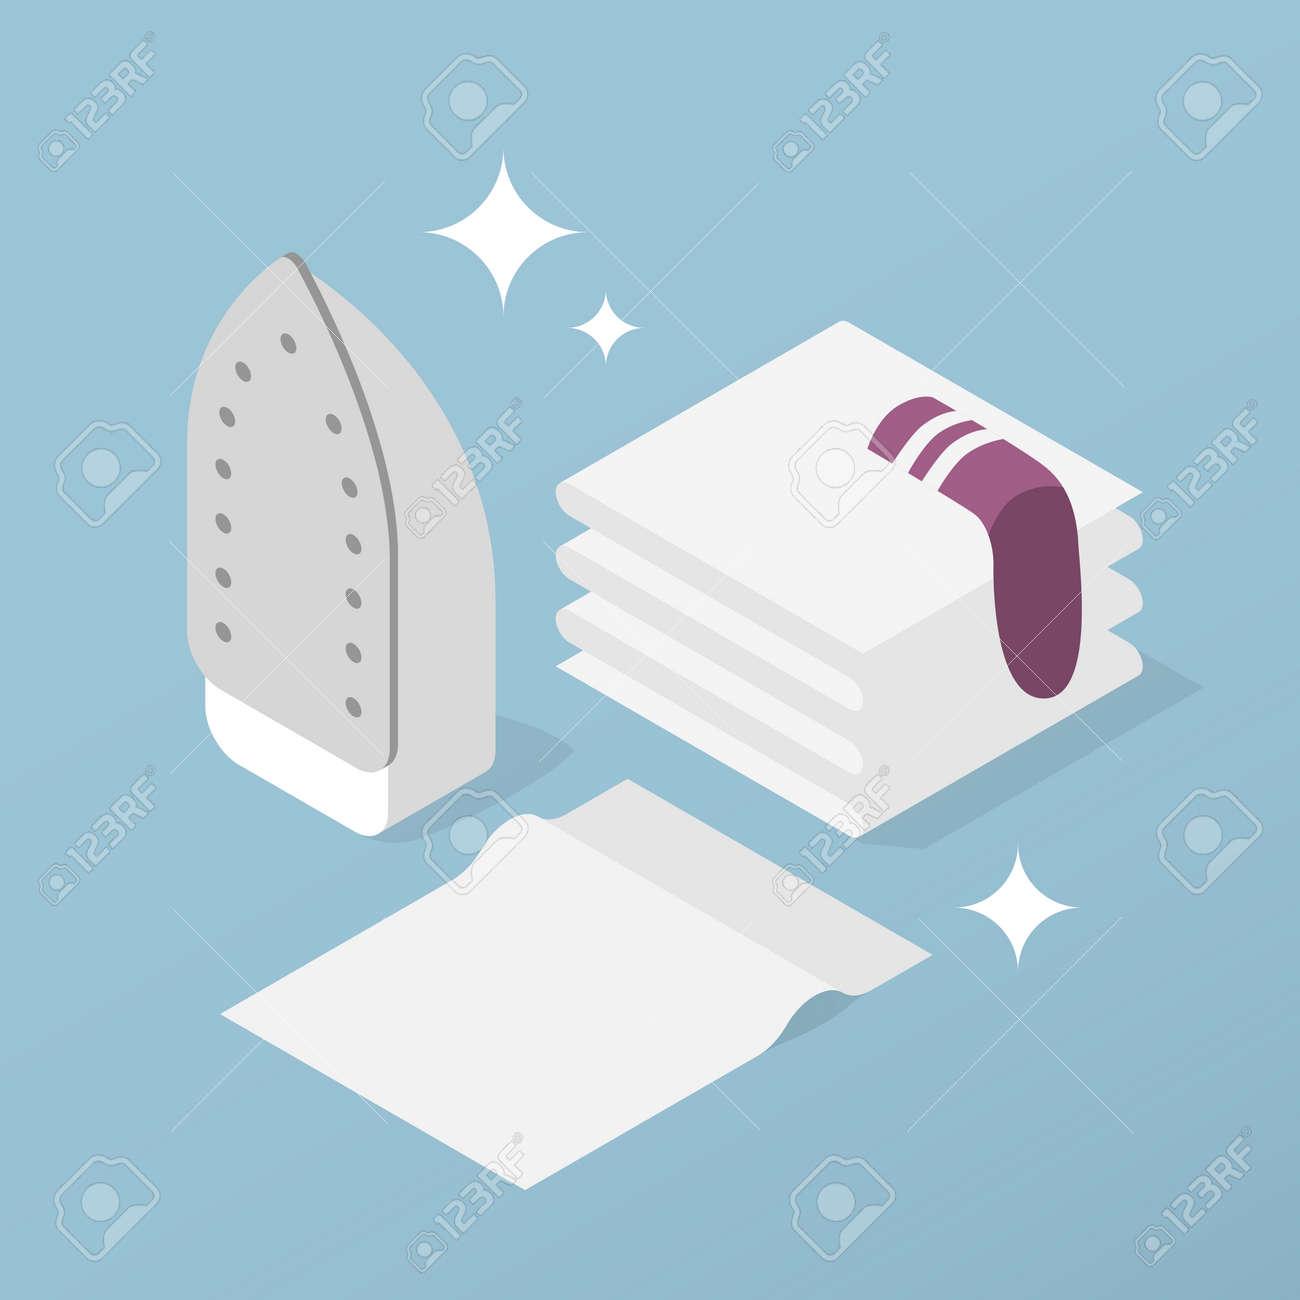 Isometric Home Laundry Illustration - 173458794